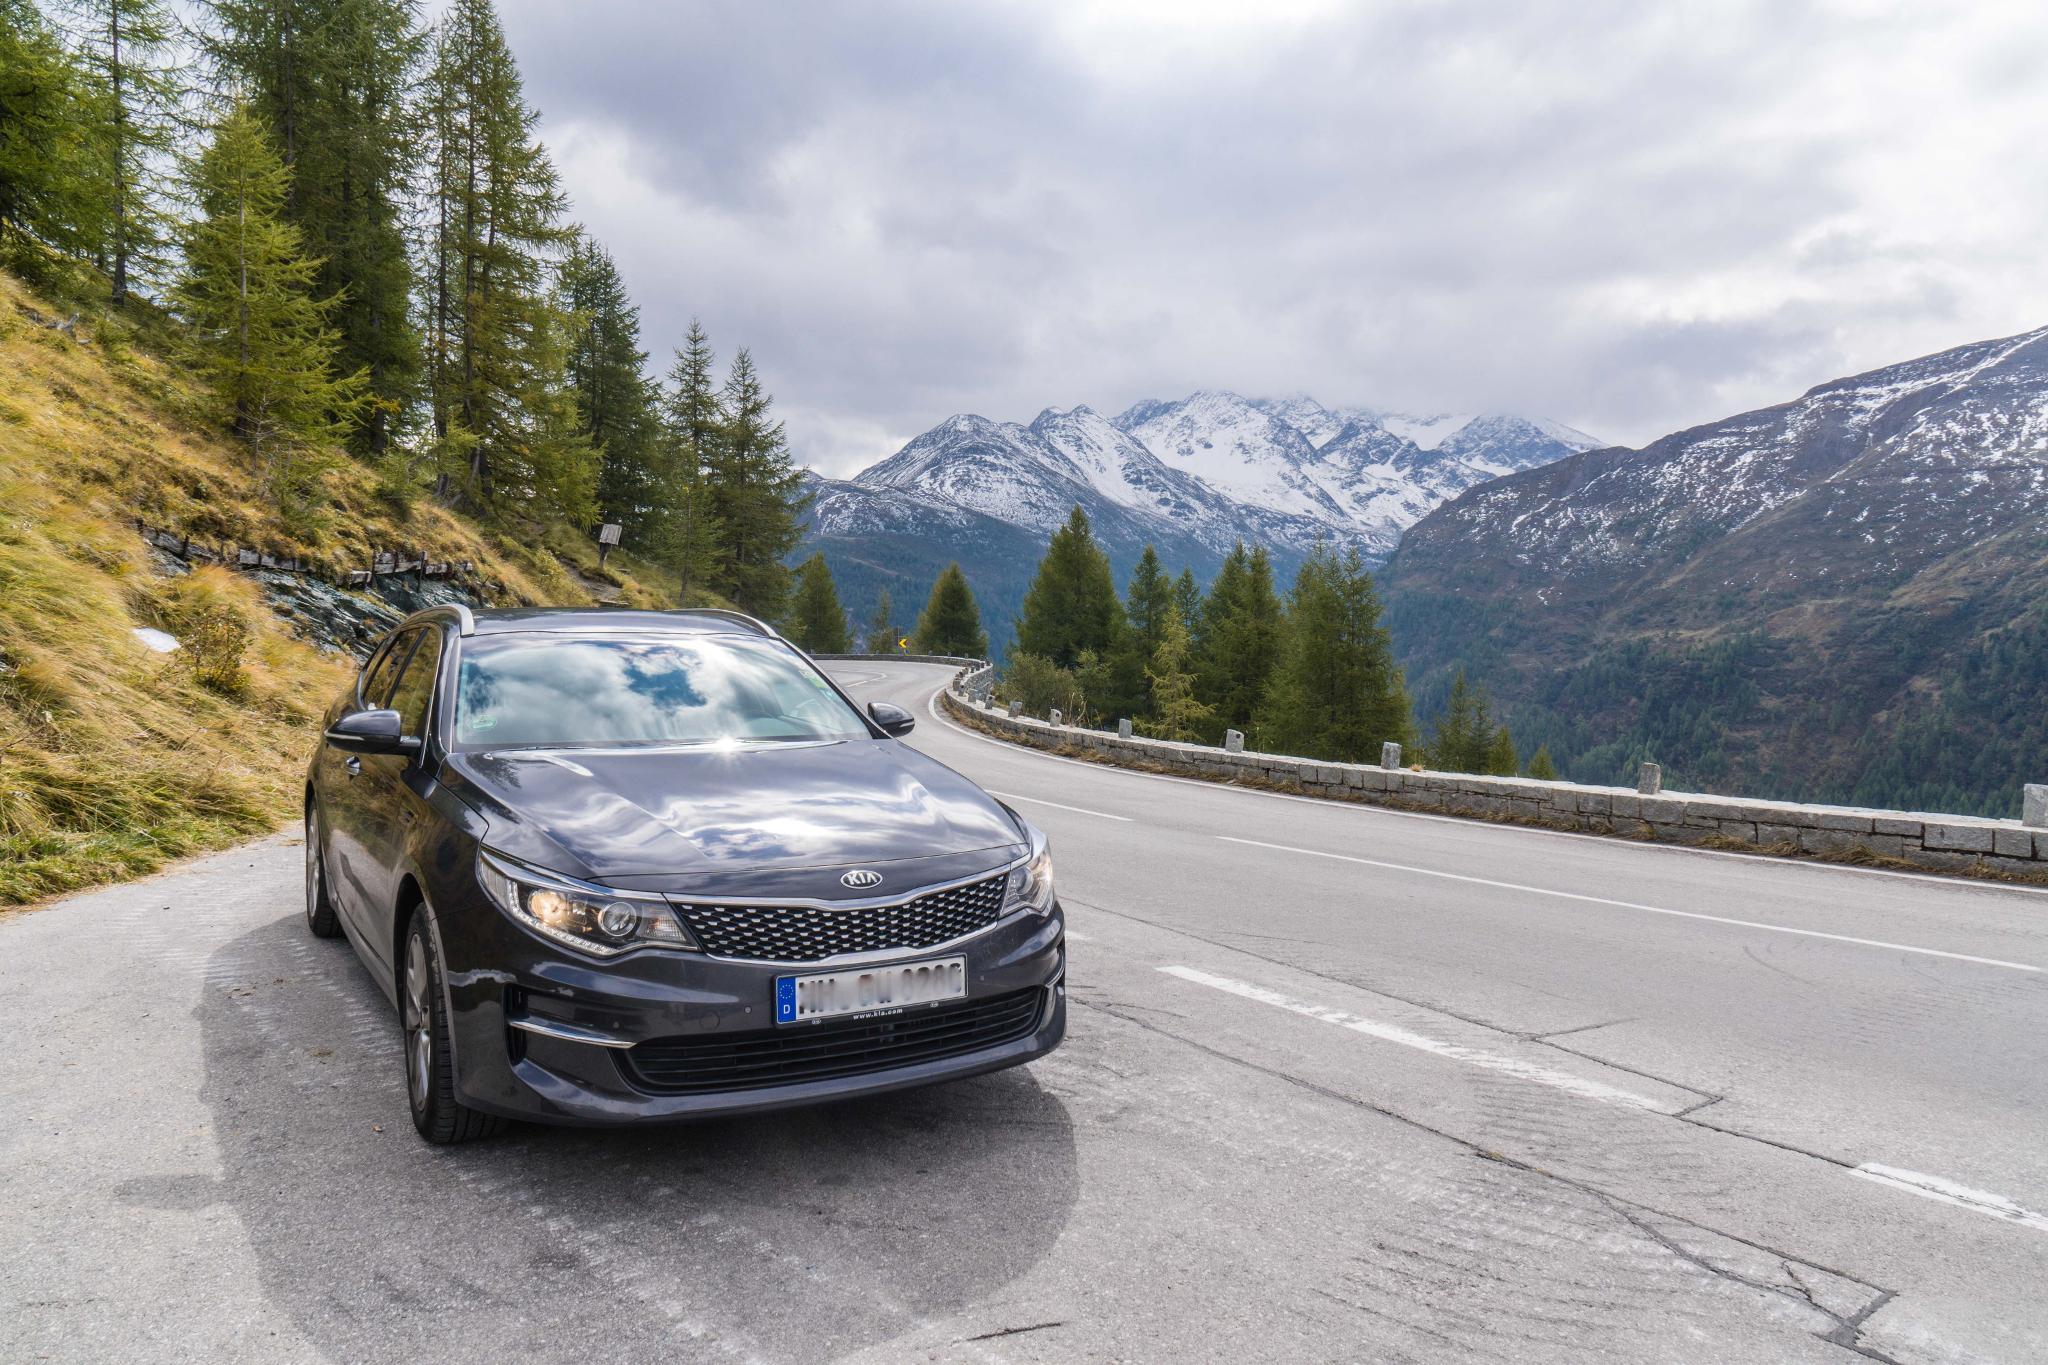 【奧地利】穿越阿爾卑斯之巔 — 奧地利大鐘山冰河公路 (Grossglockner High Alpine Road) 18